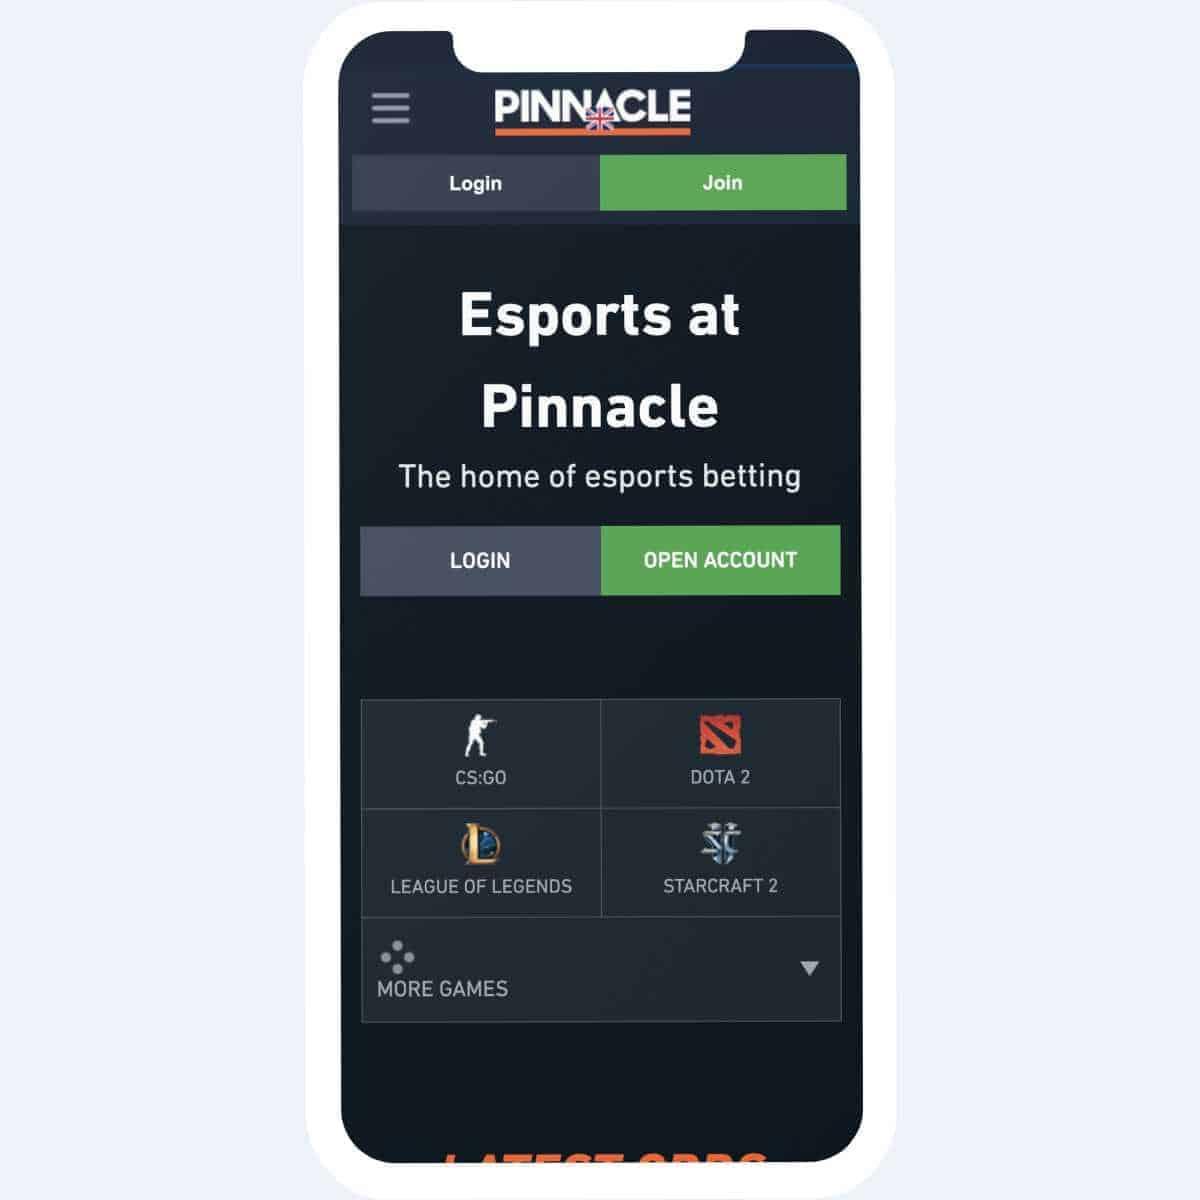 pinnacle sports account login